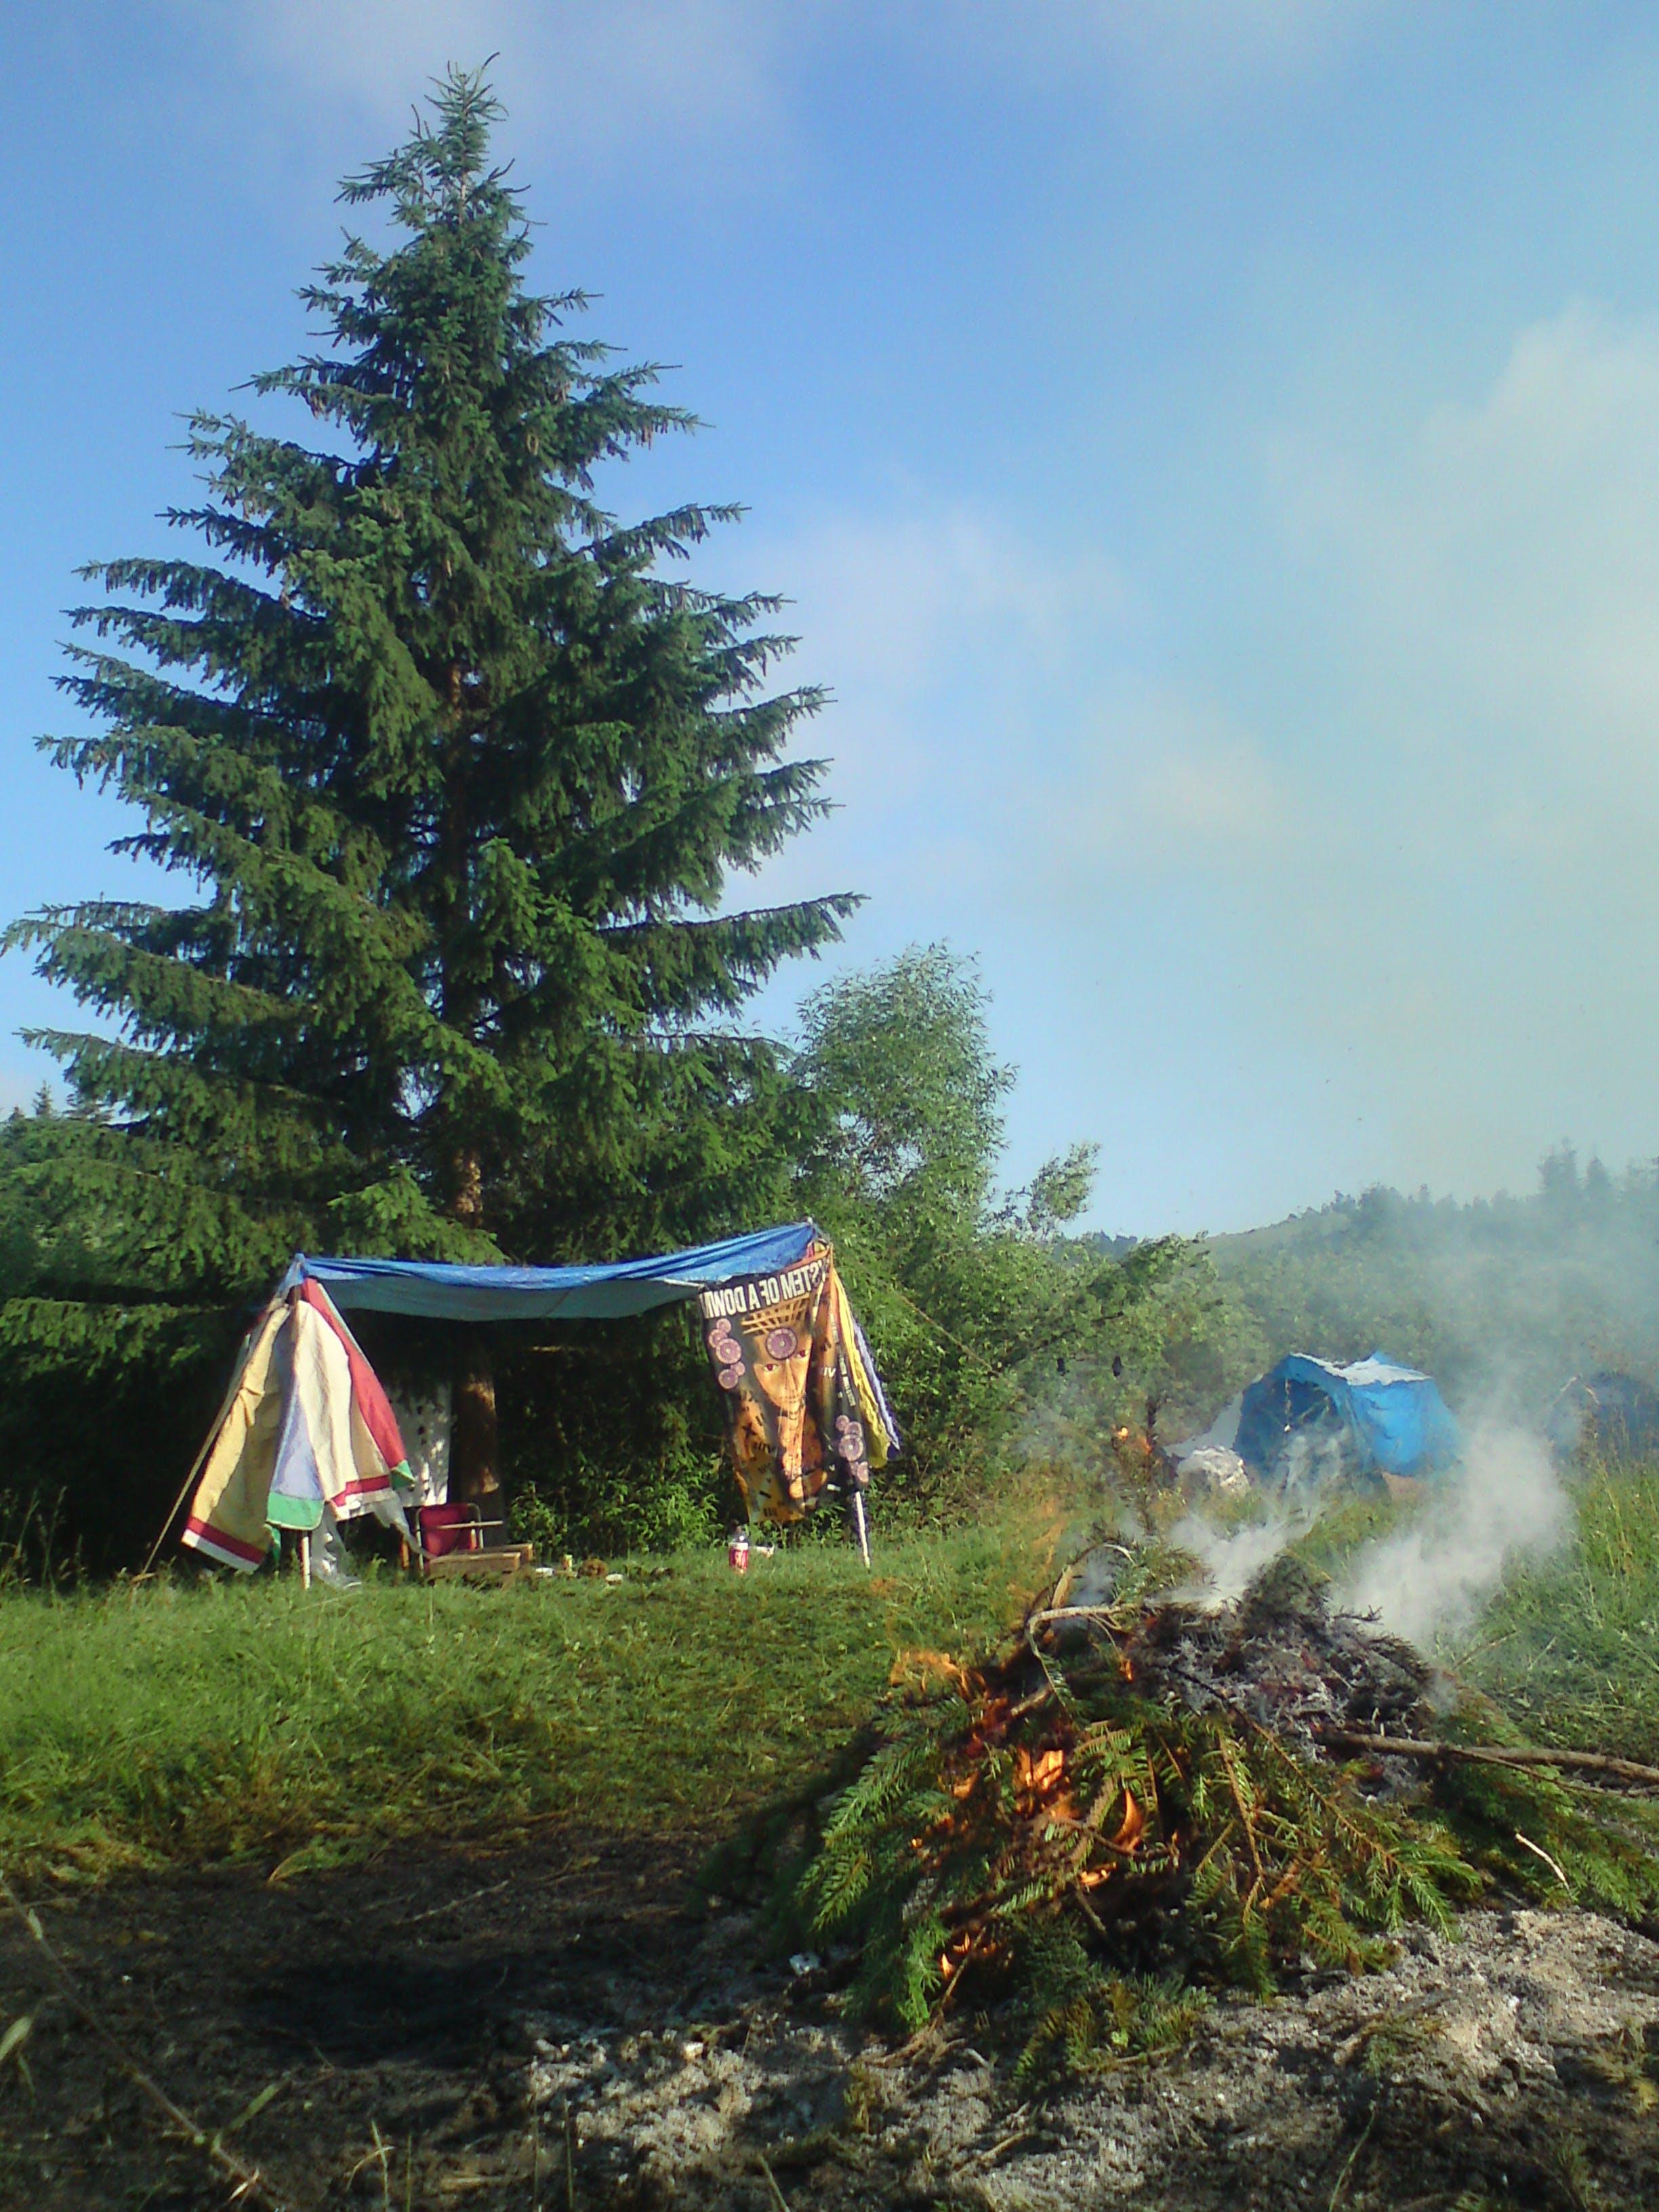 brænde, brænding, Camping